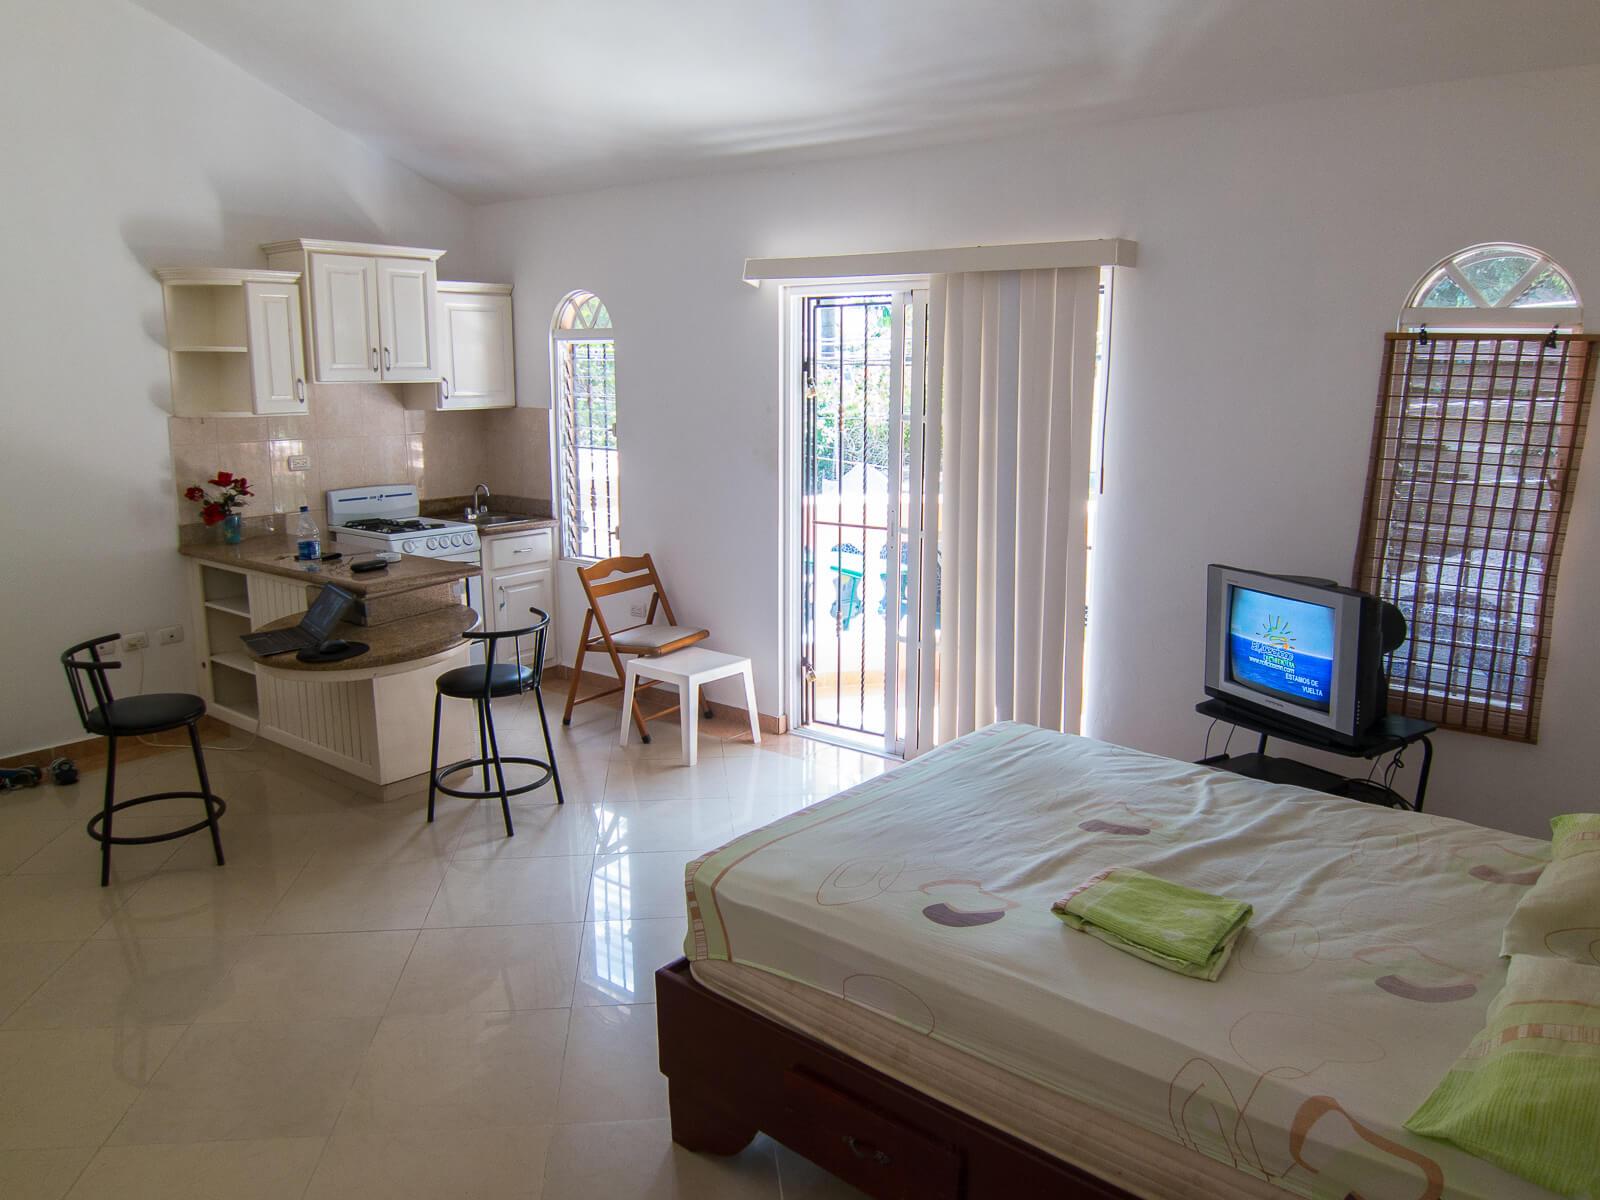 Asuntoni kuukaudeksi 300 eurolla Dominikaanisen tasavallan Sosuassa vuonna 2014.